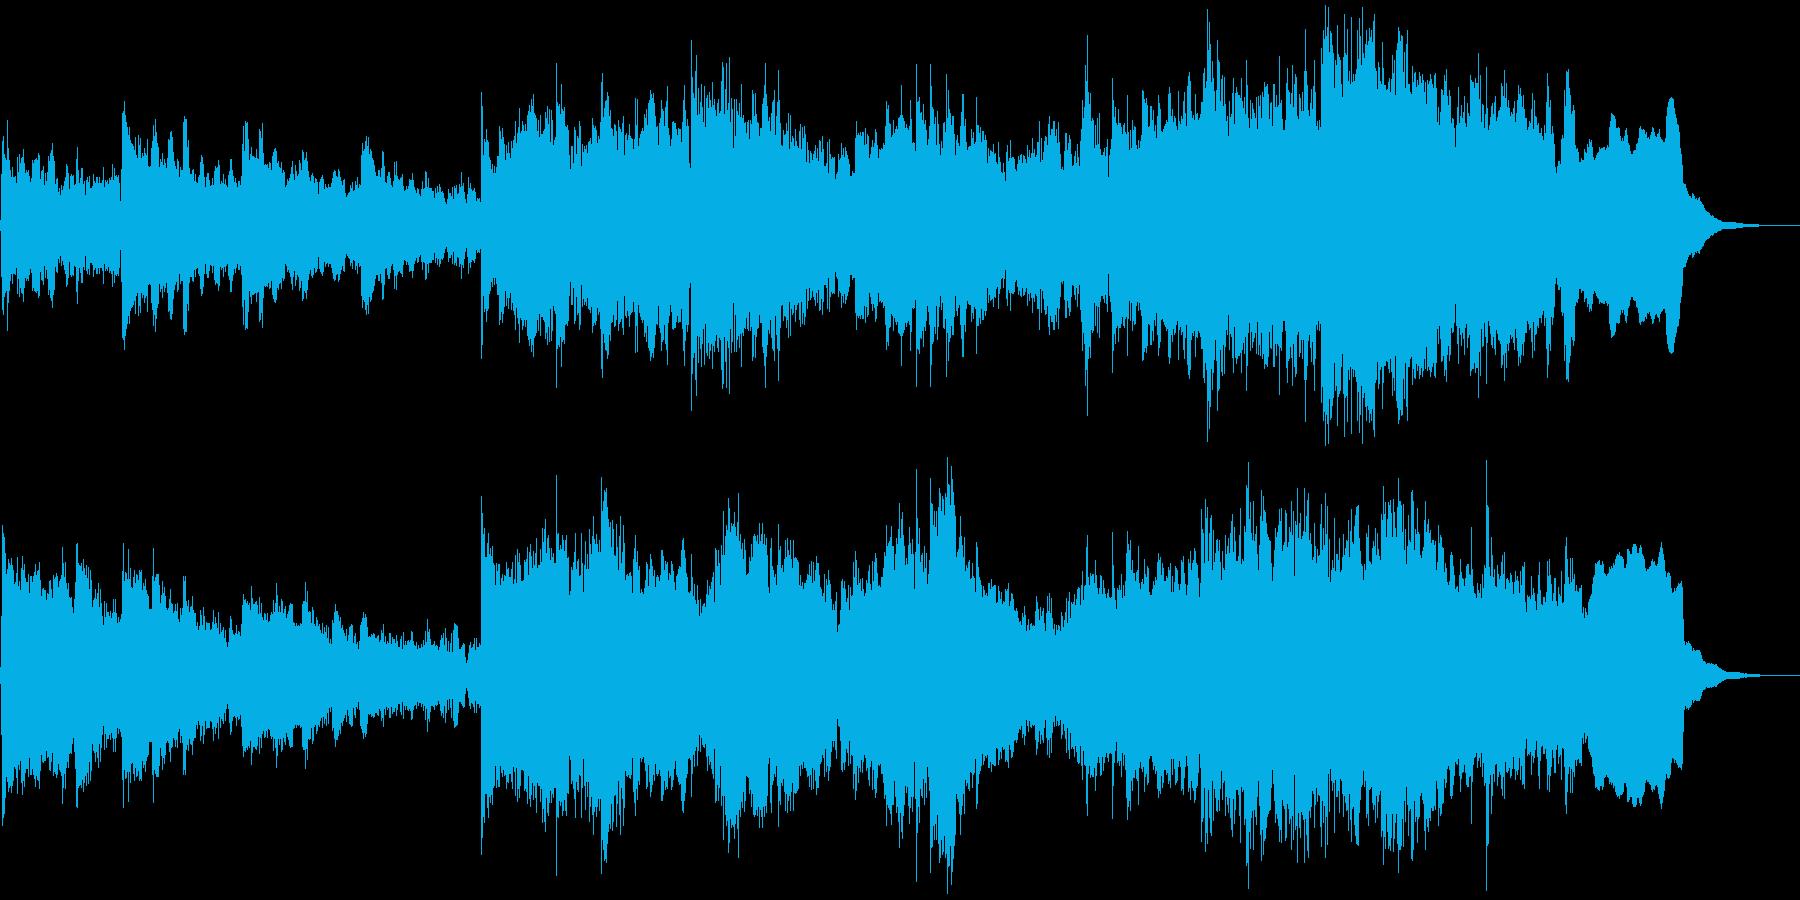 温かい曲 世界を旅してるみたいな曲の再生済みの波形